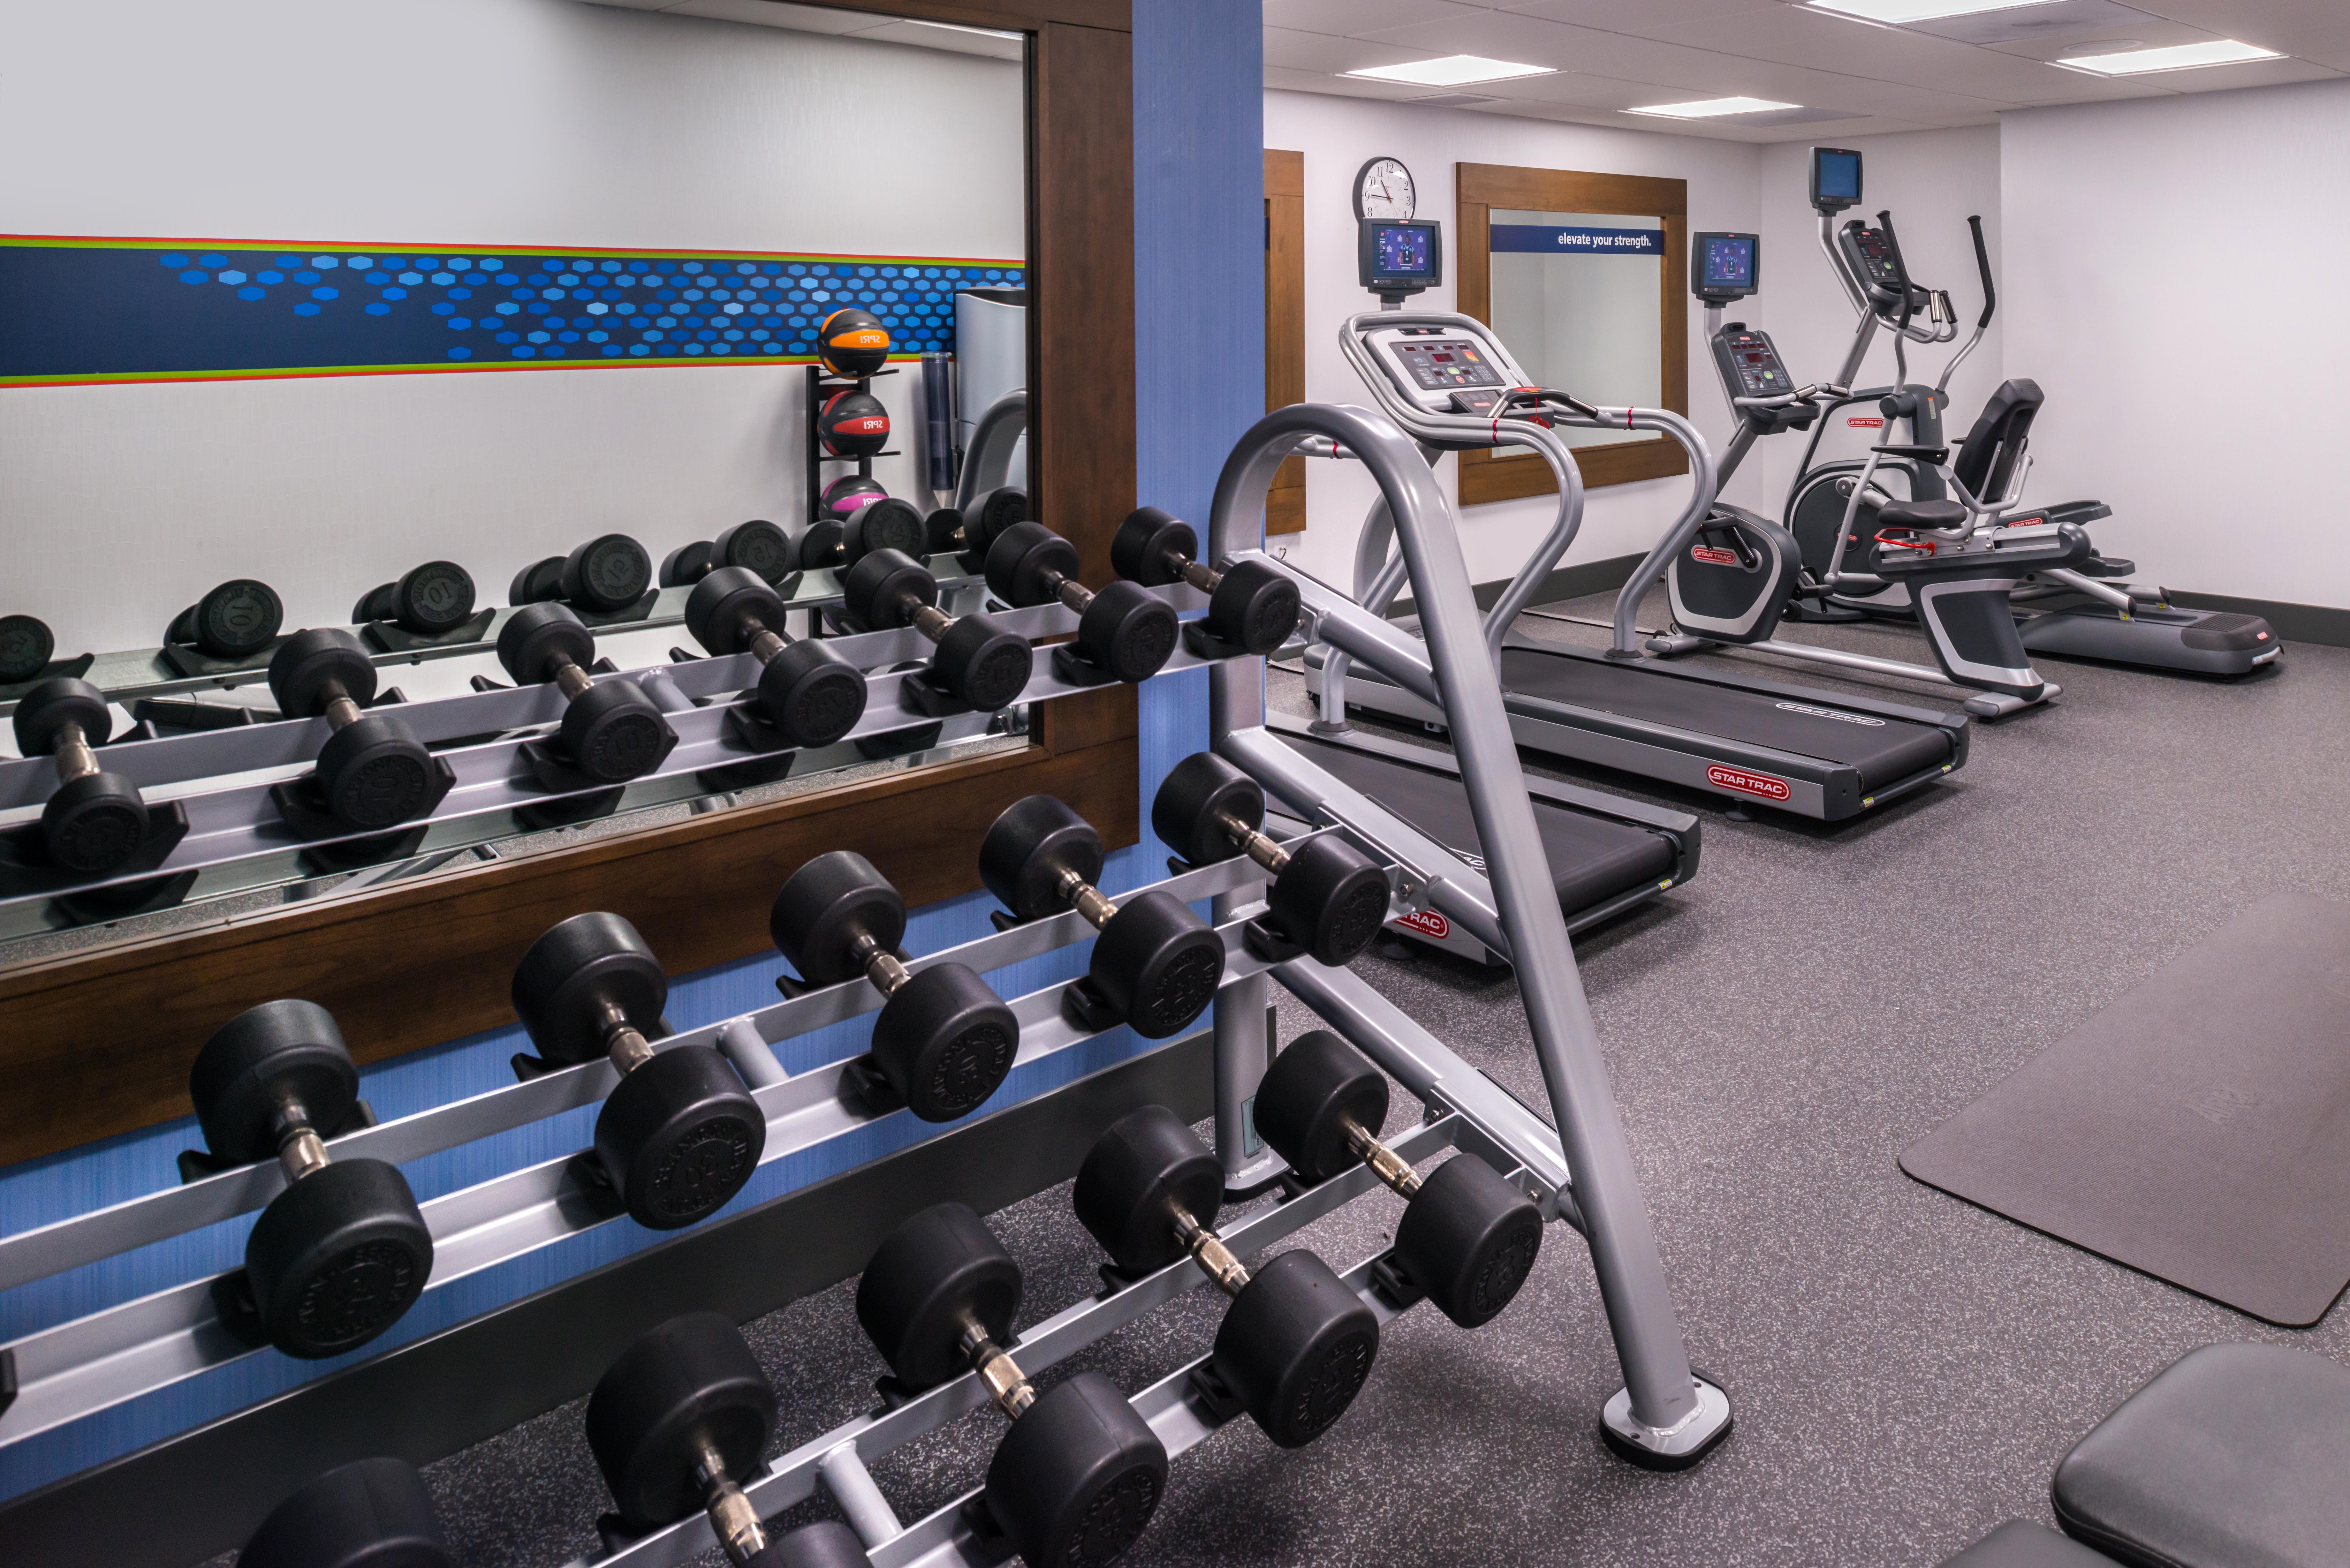 Hampton Inn SF Fitness Center